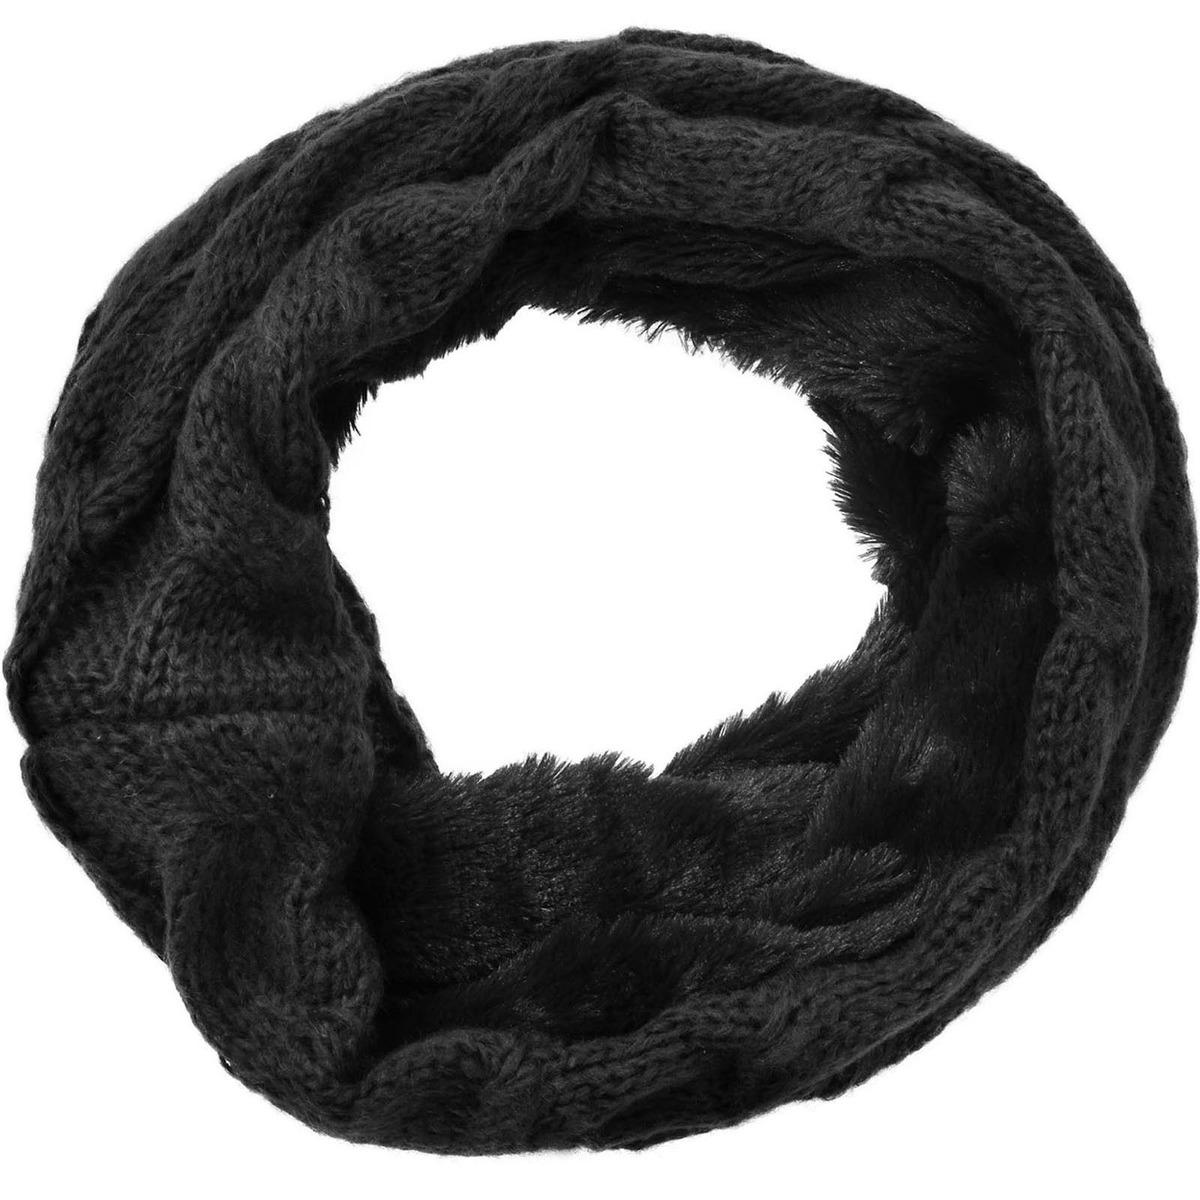 Chicas Mano Invierno Infinito Tejido... (black_fur) - $ 22.990 en ...